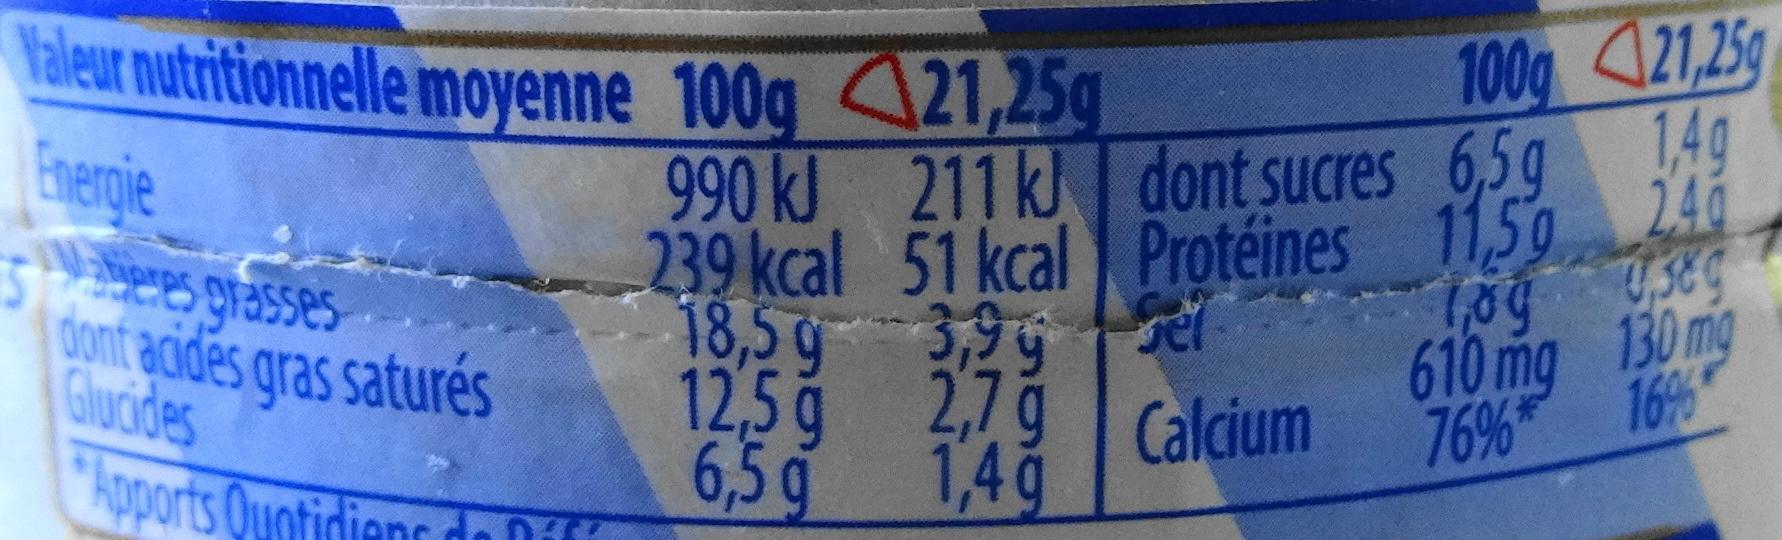 La vache qui rit® 8 Portions (18,5 % MG) - Nutrition facts